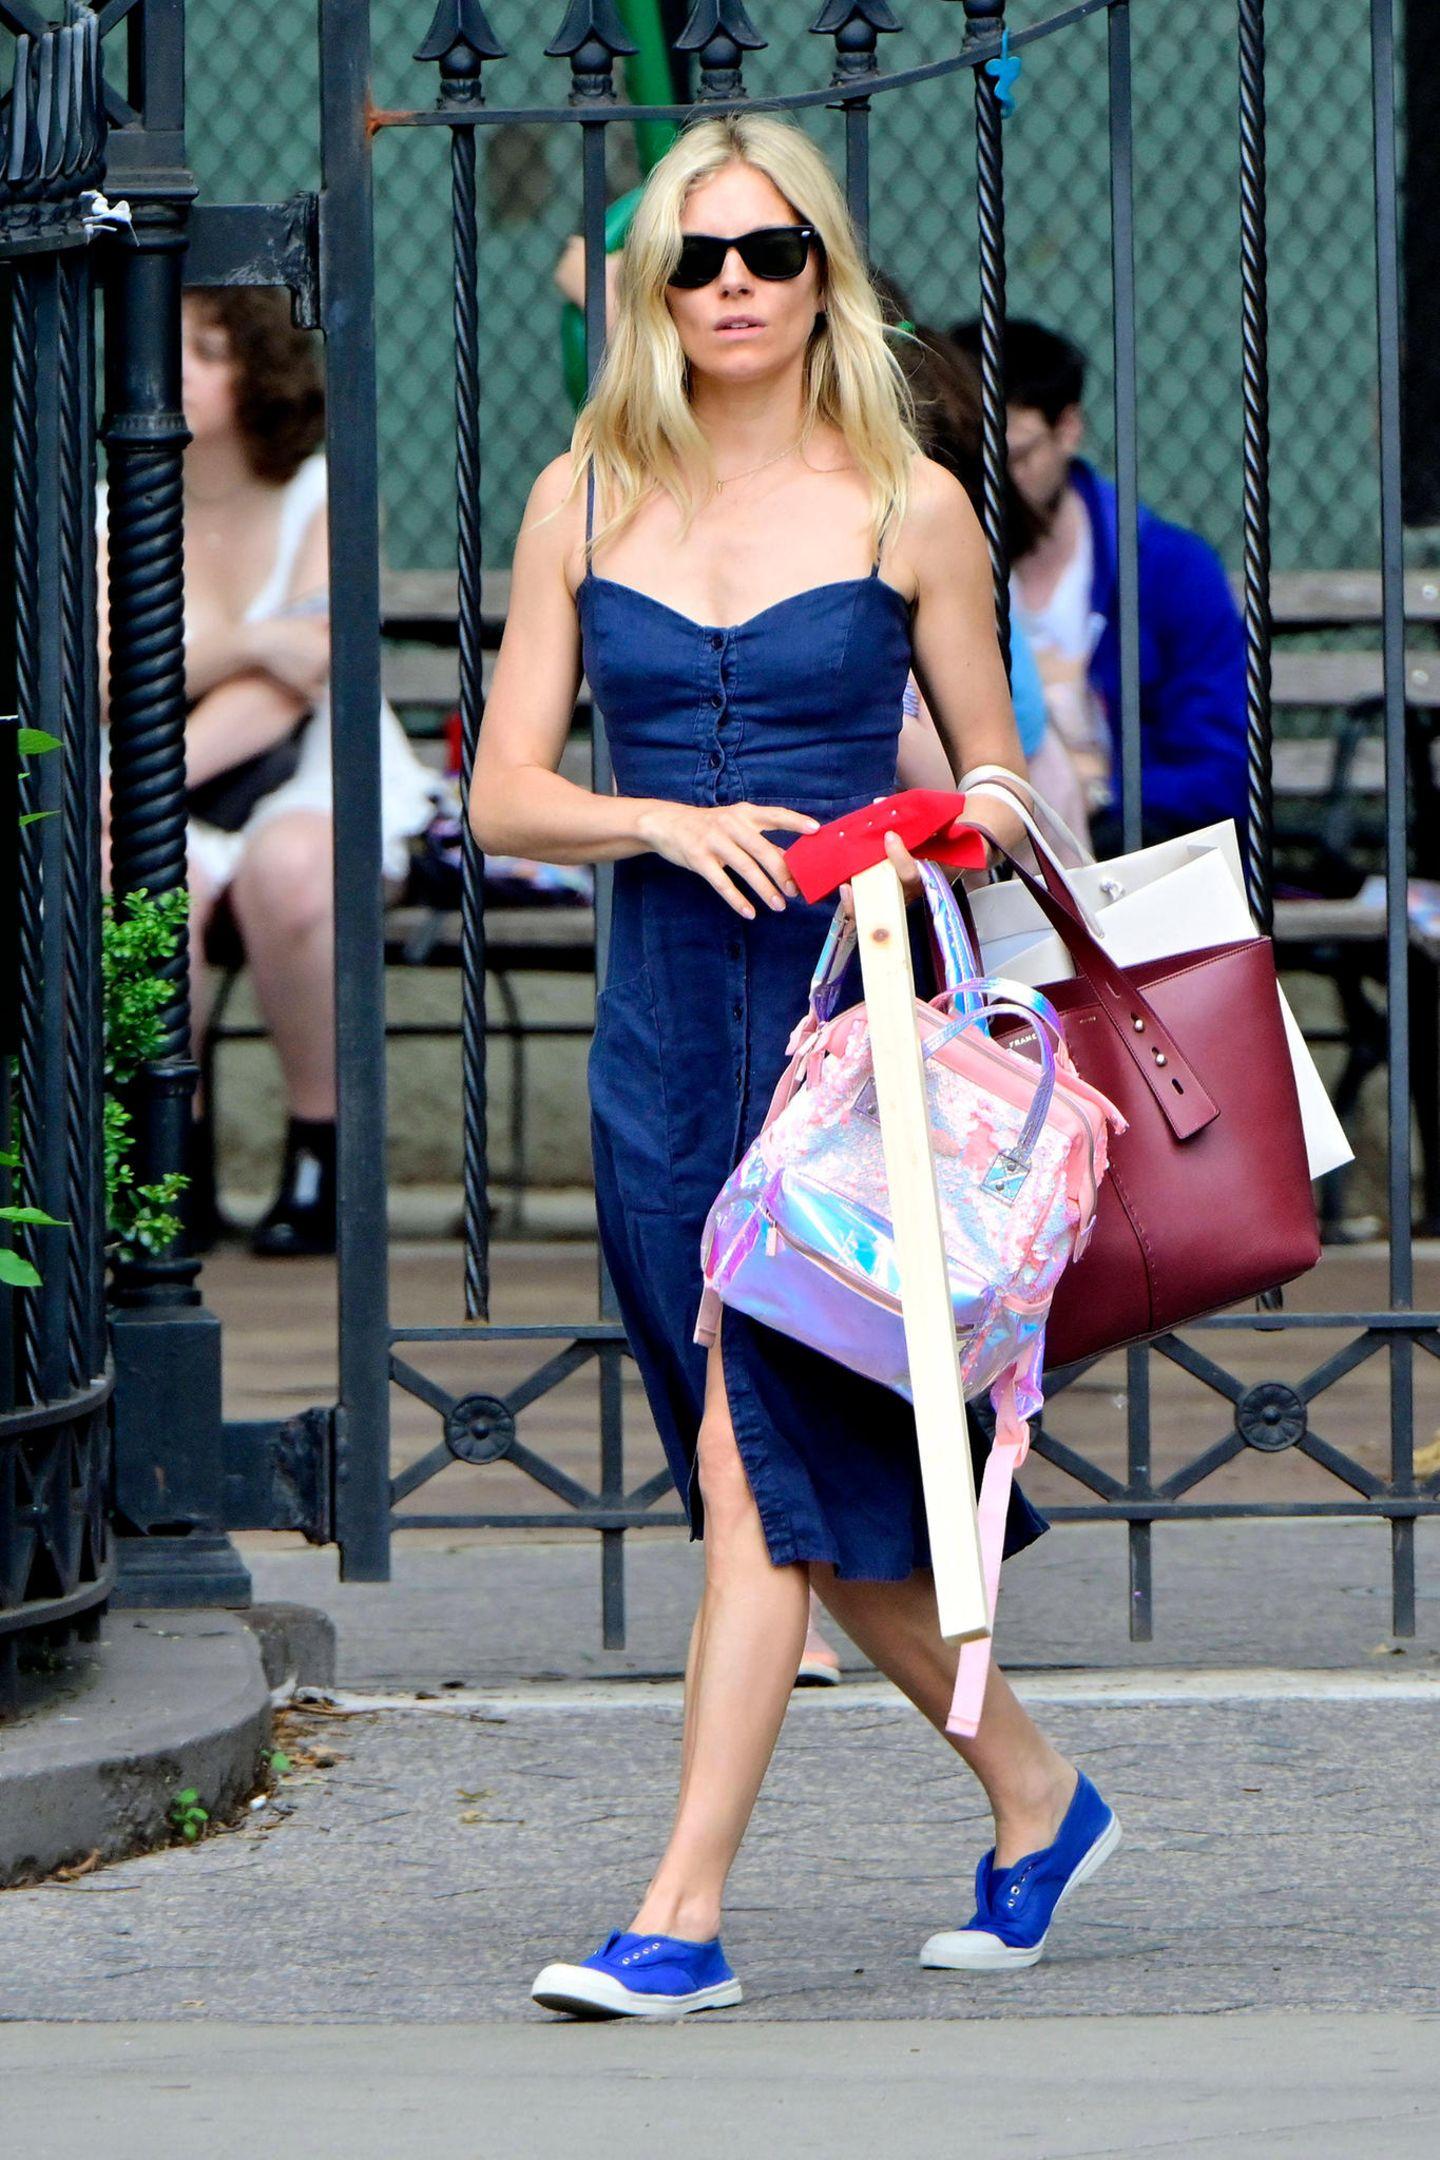 Ganz schön schlicht aber dafür umso cooler ist Sienna Miller unterwegs. Sie trägt ein Jeanskleid mit feinen Trägern, das in der Front geknöpft wird und mit einem Herzausschnitt bezaubert.